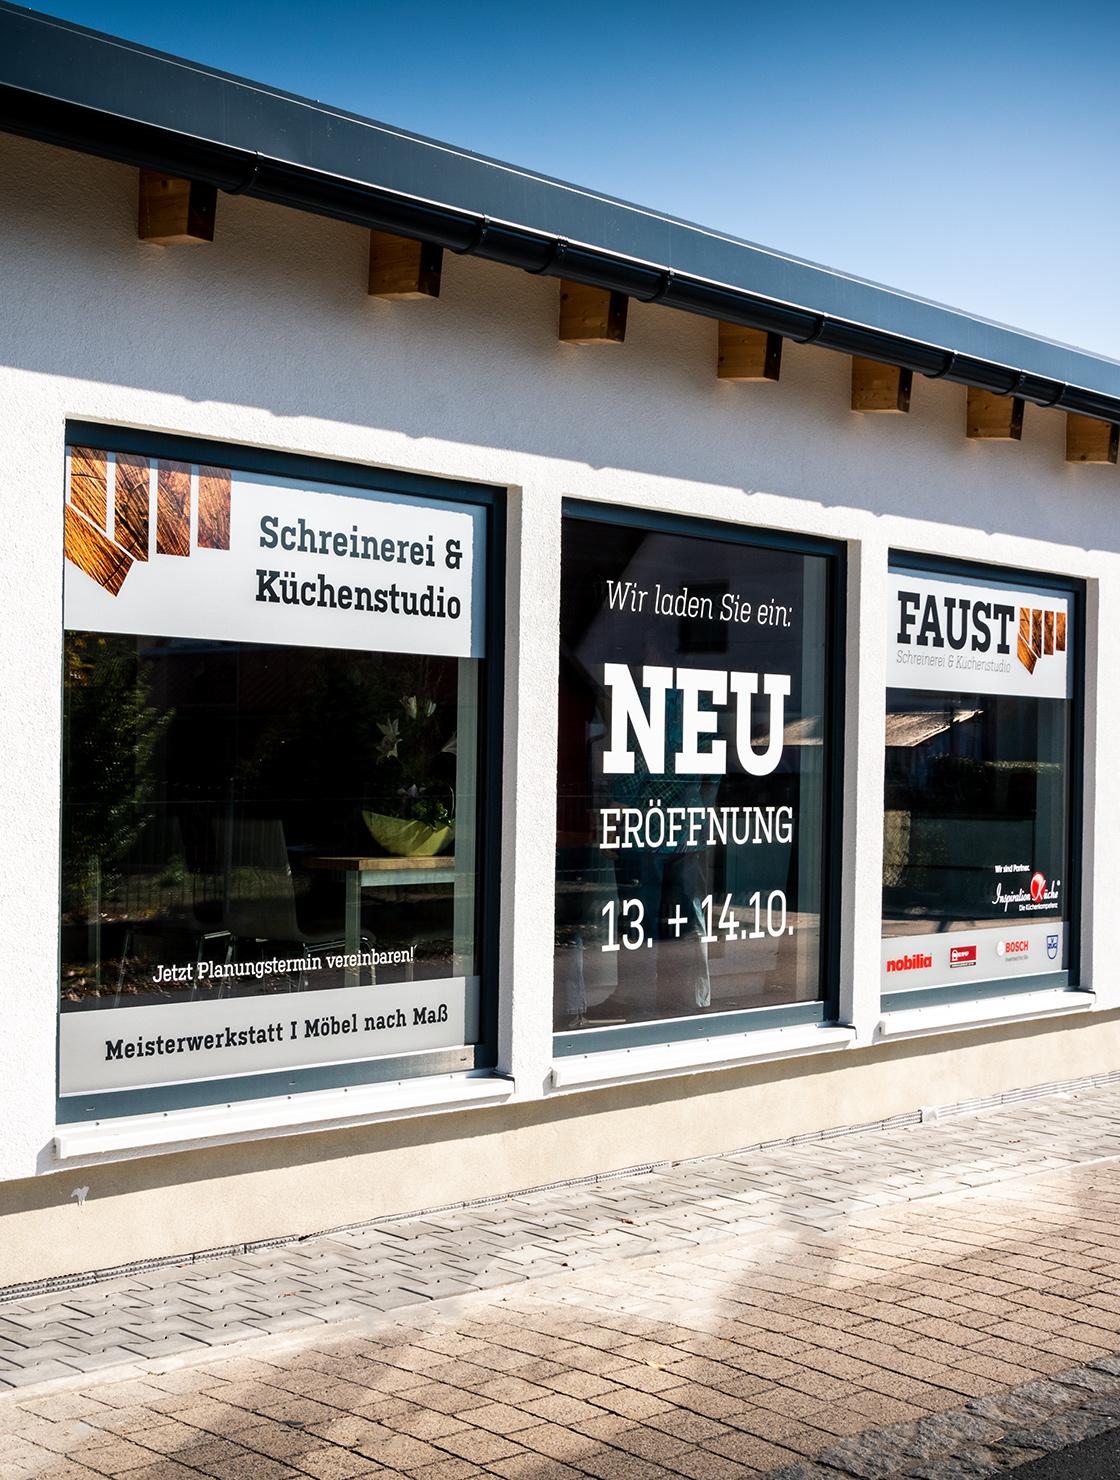 Schreinerei und Kuechenstudio Faust